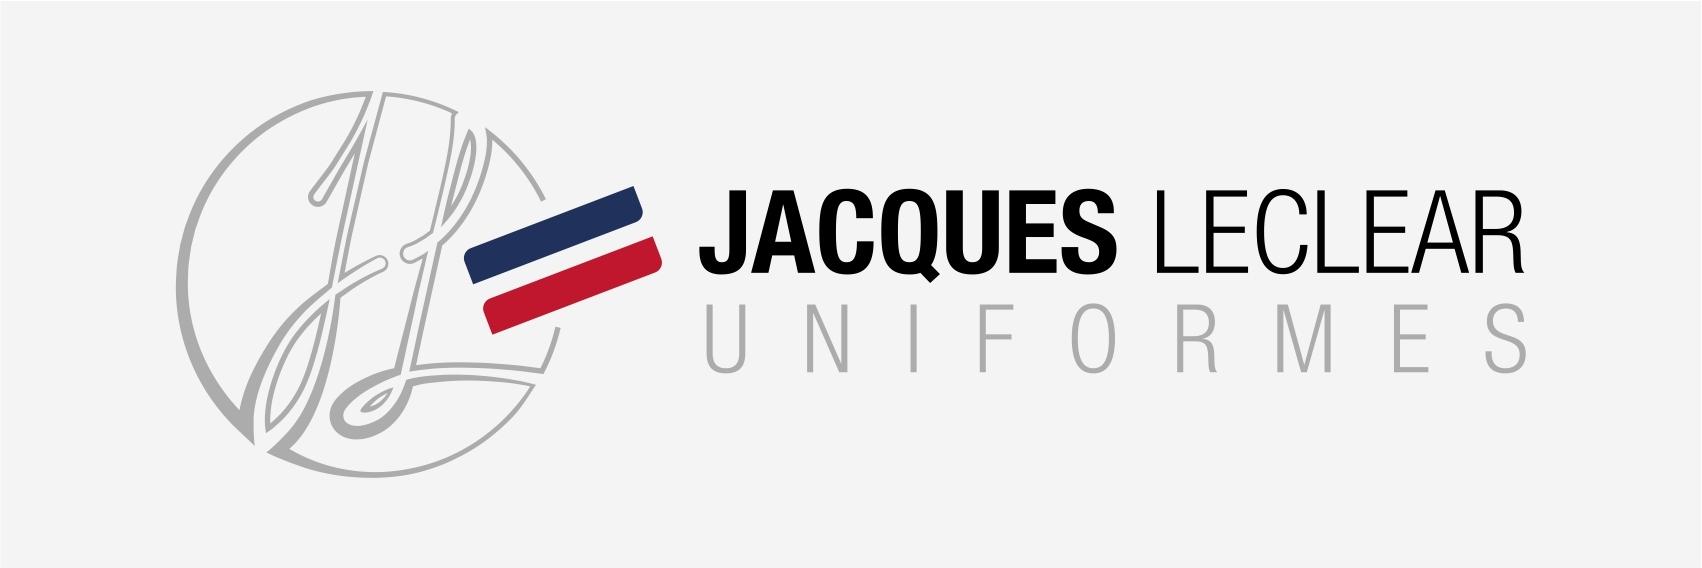 BENEFICIO JACQUES LECLEAR UNIFORMES